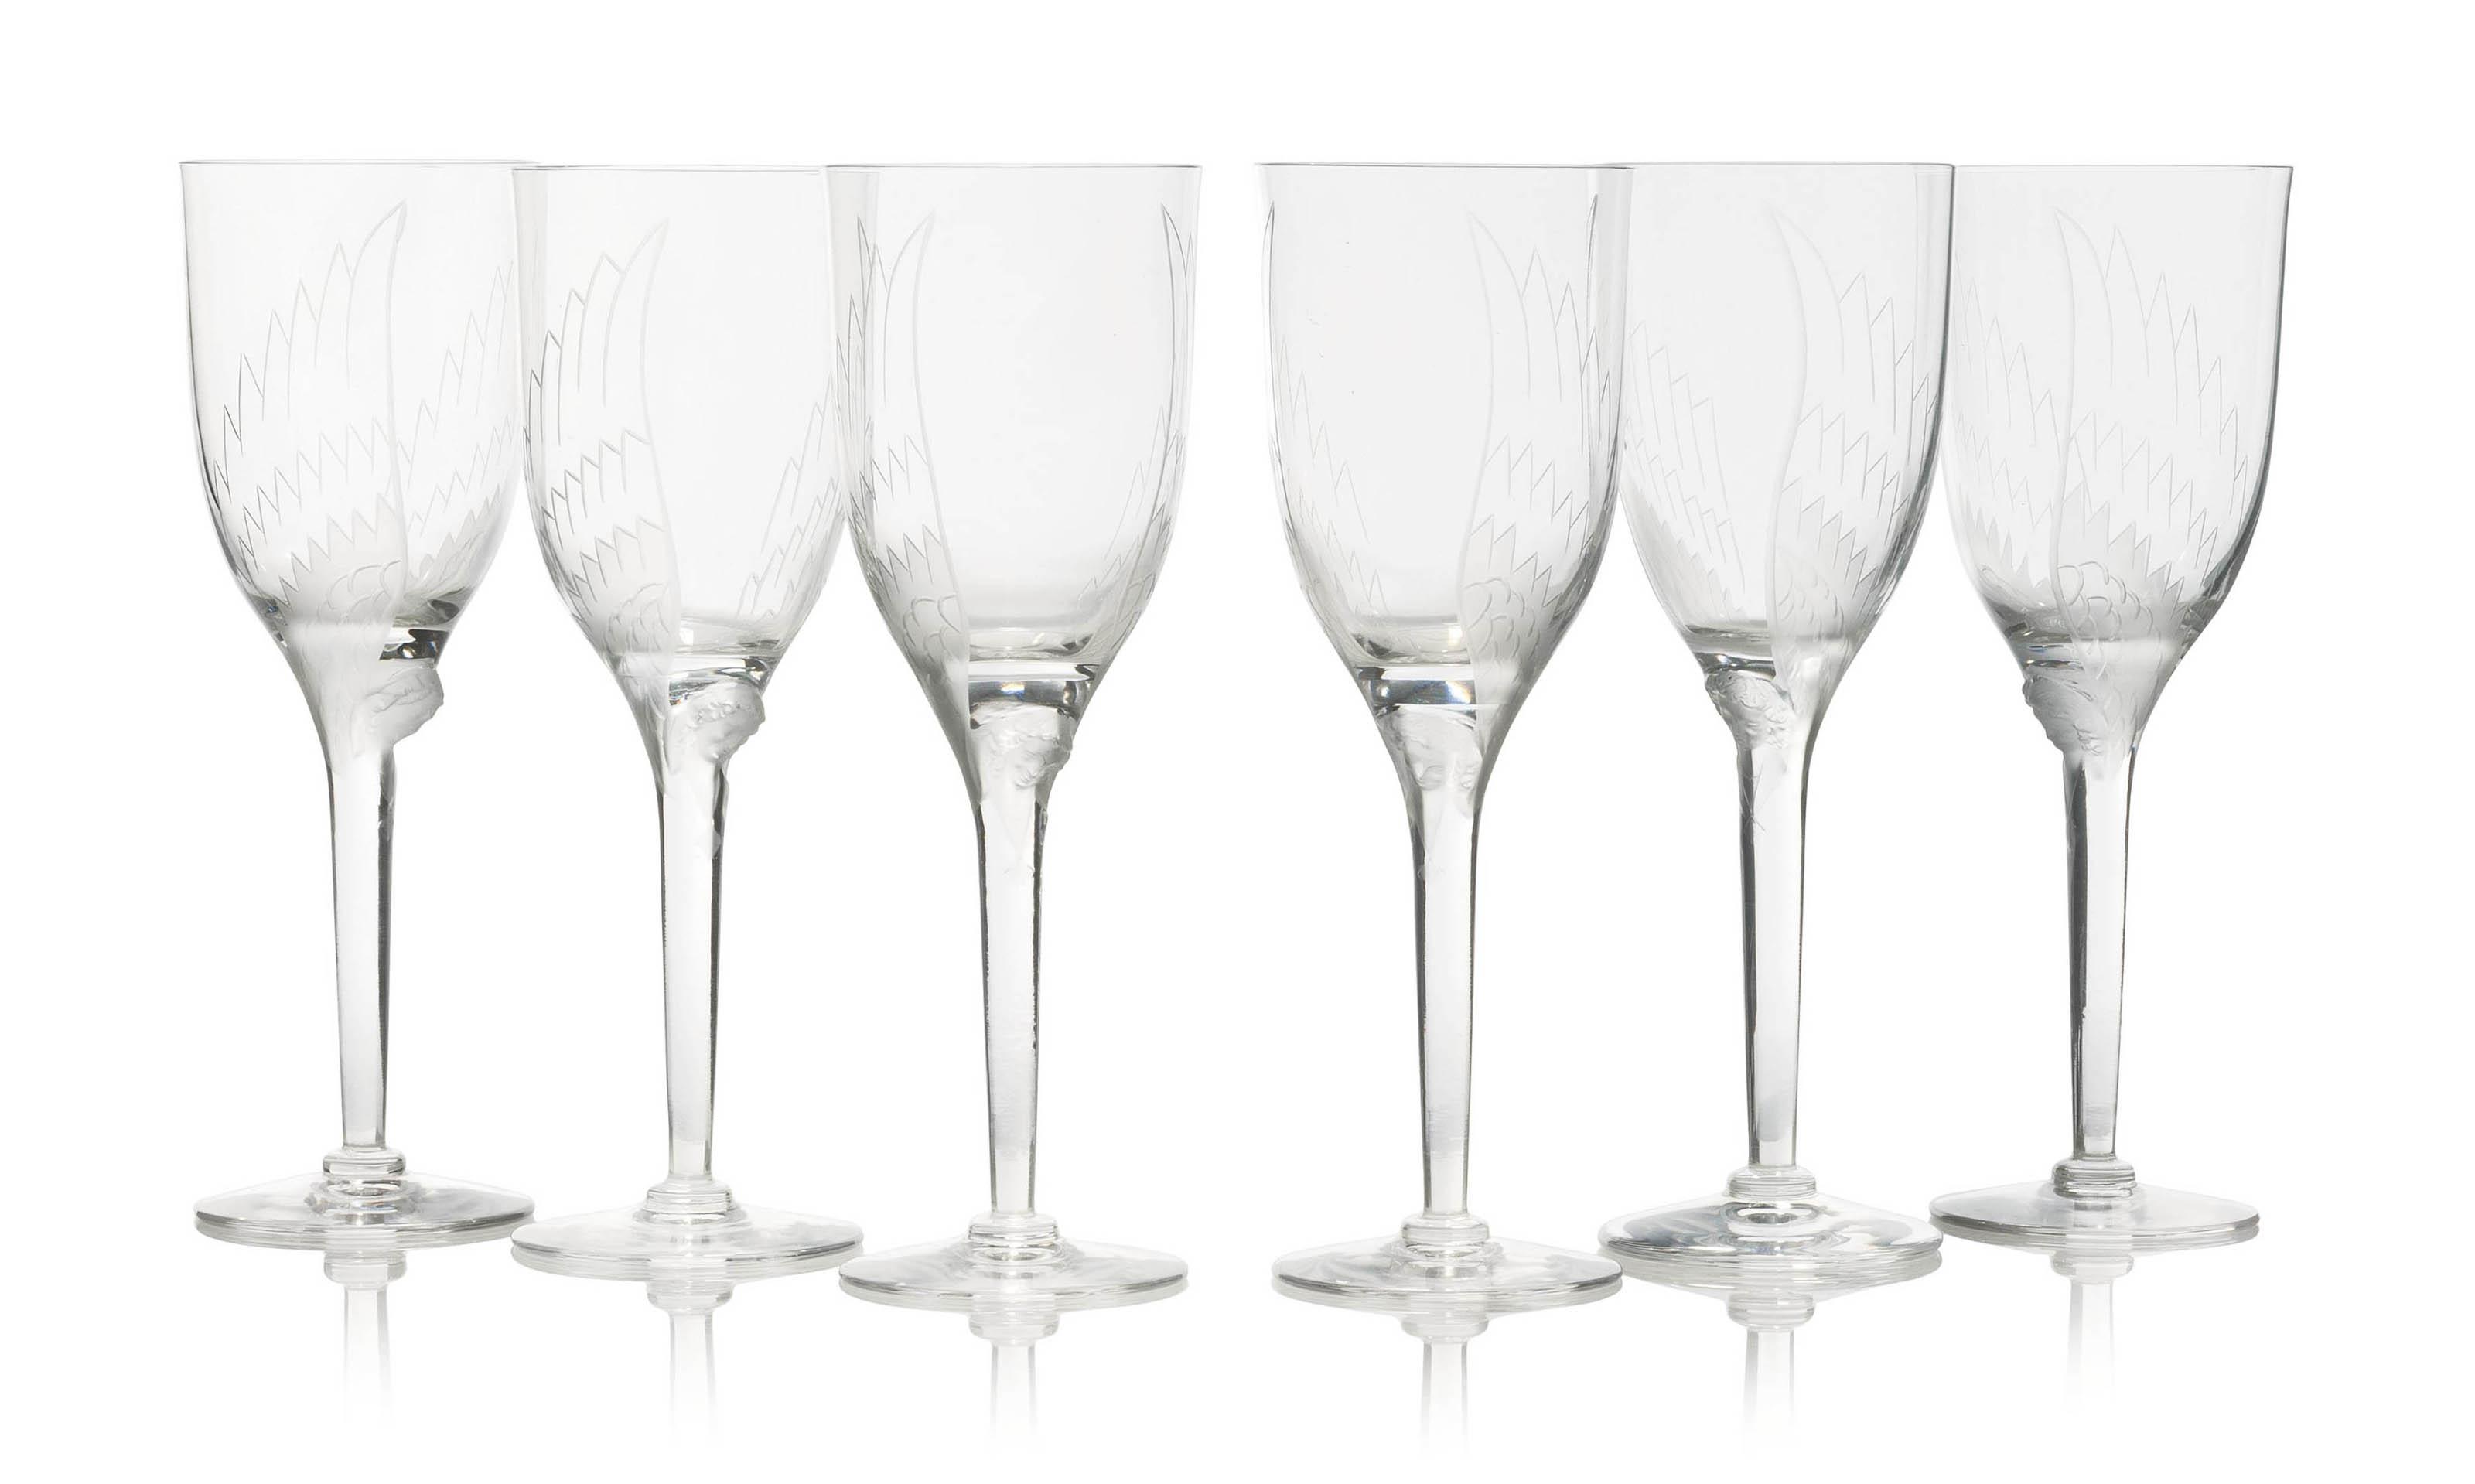 ANGES SIX GLASSES, NO. 13-645